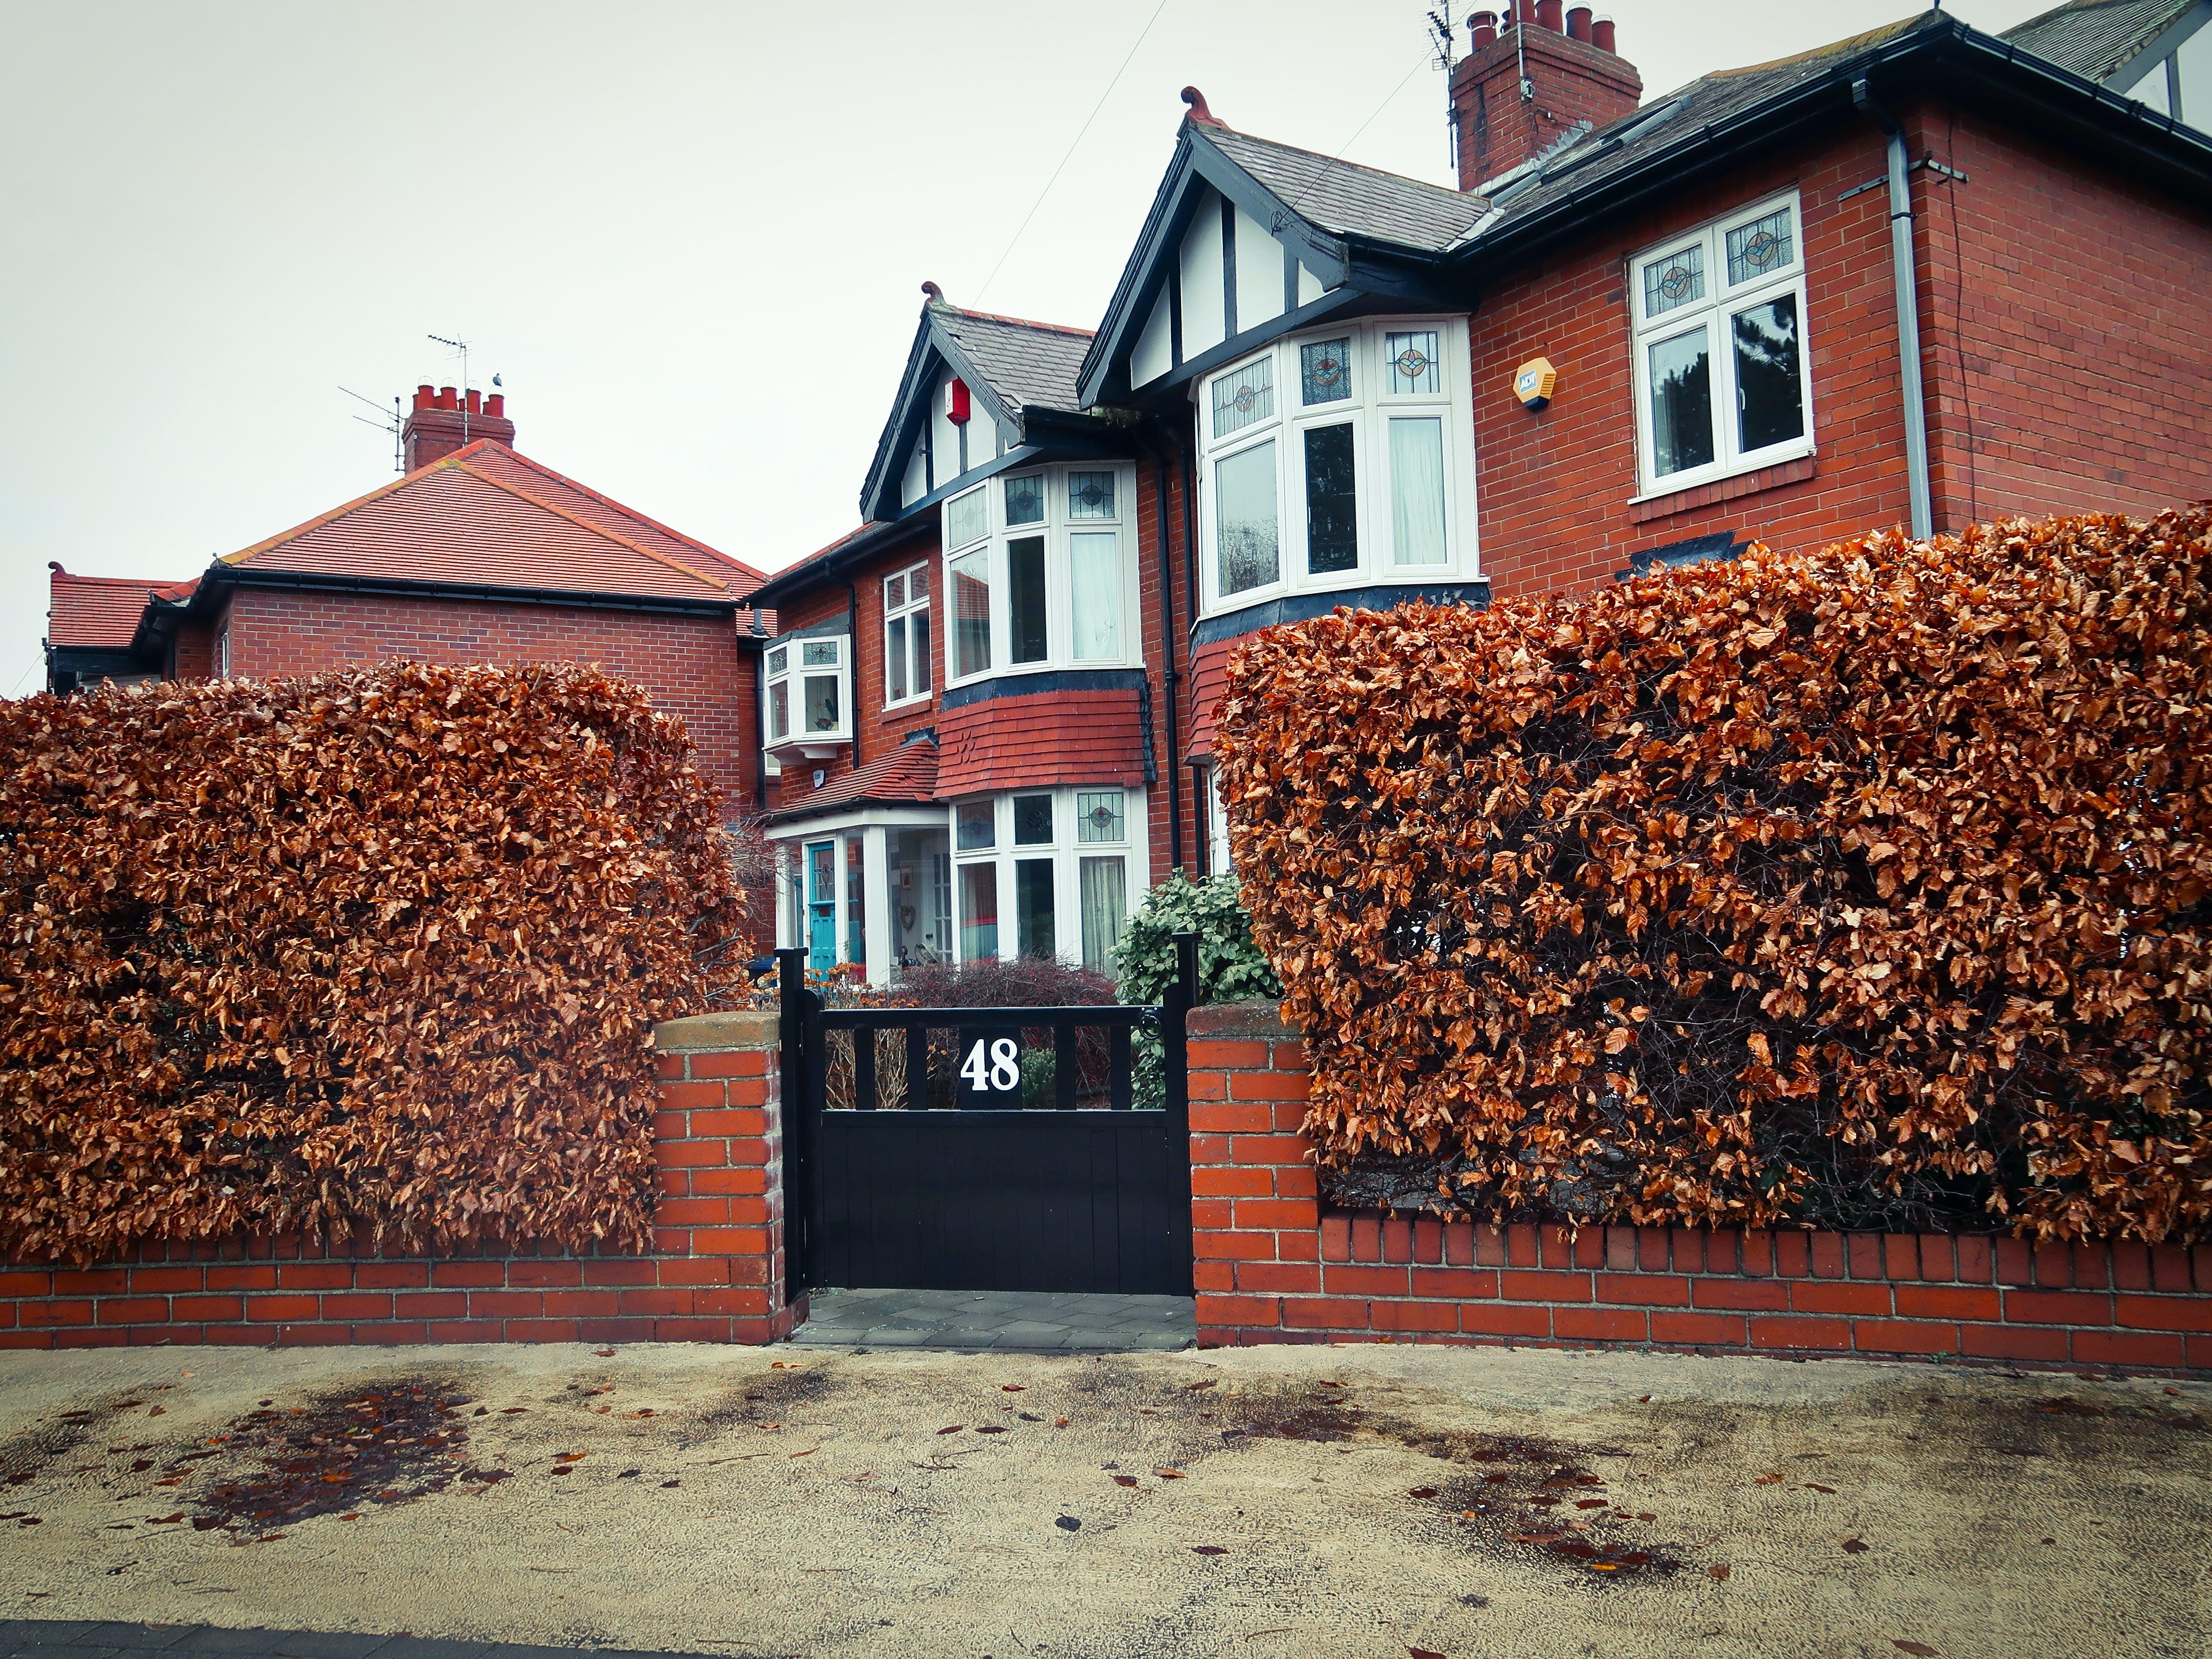 Foto profissional grátis de 48, arbusto, britânico, casa britânica